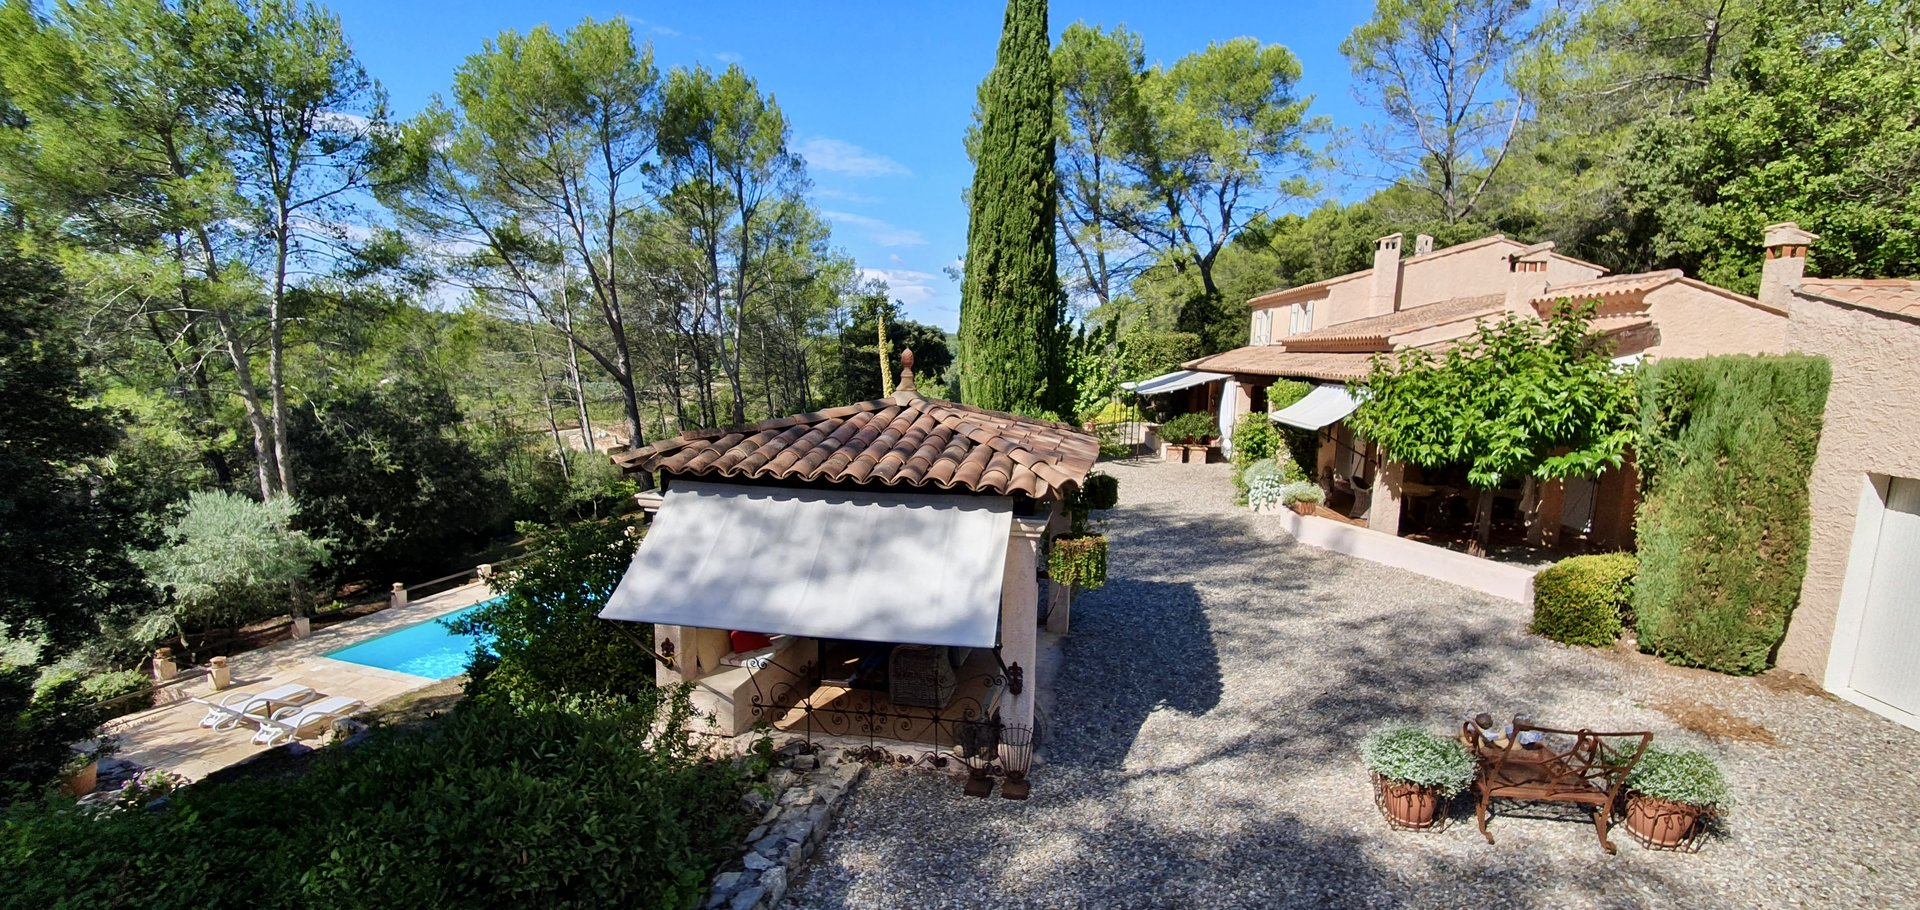 Mooi Provençaals huis met prachtig aangelegde tuin. 4 slaapkamers en zwembad.